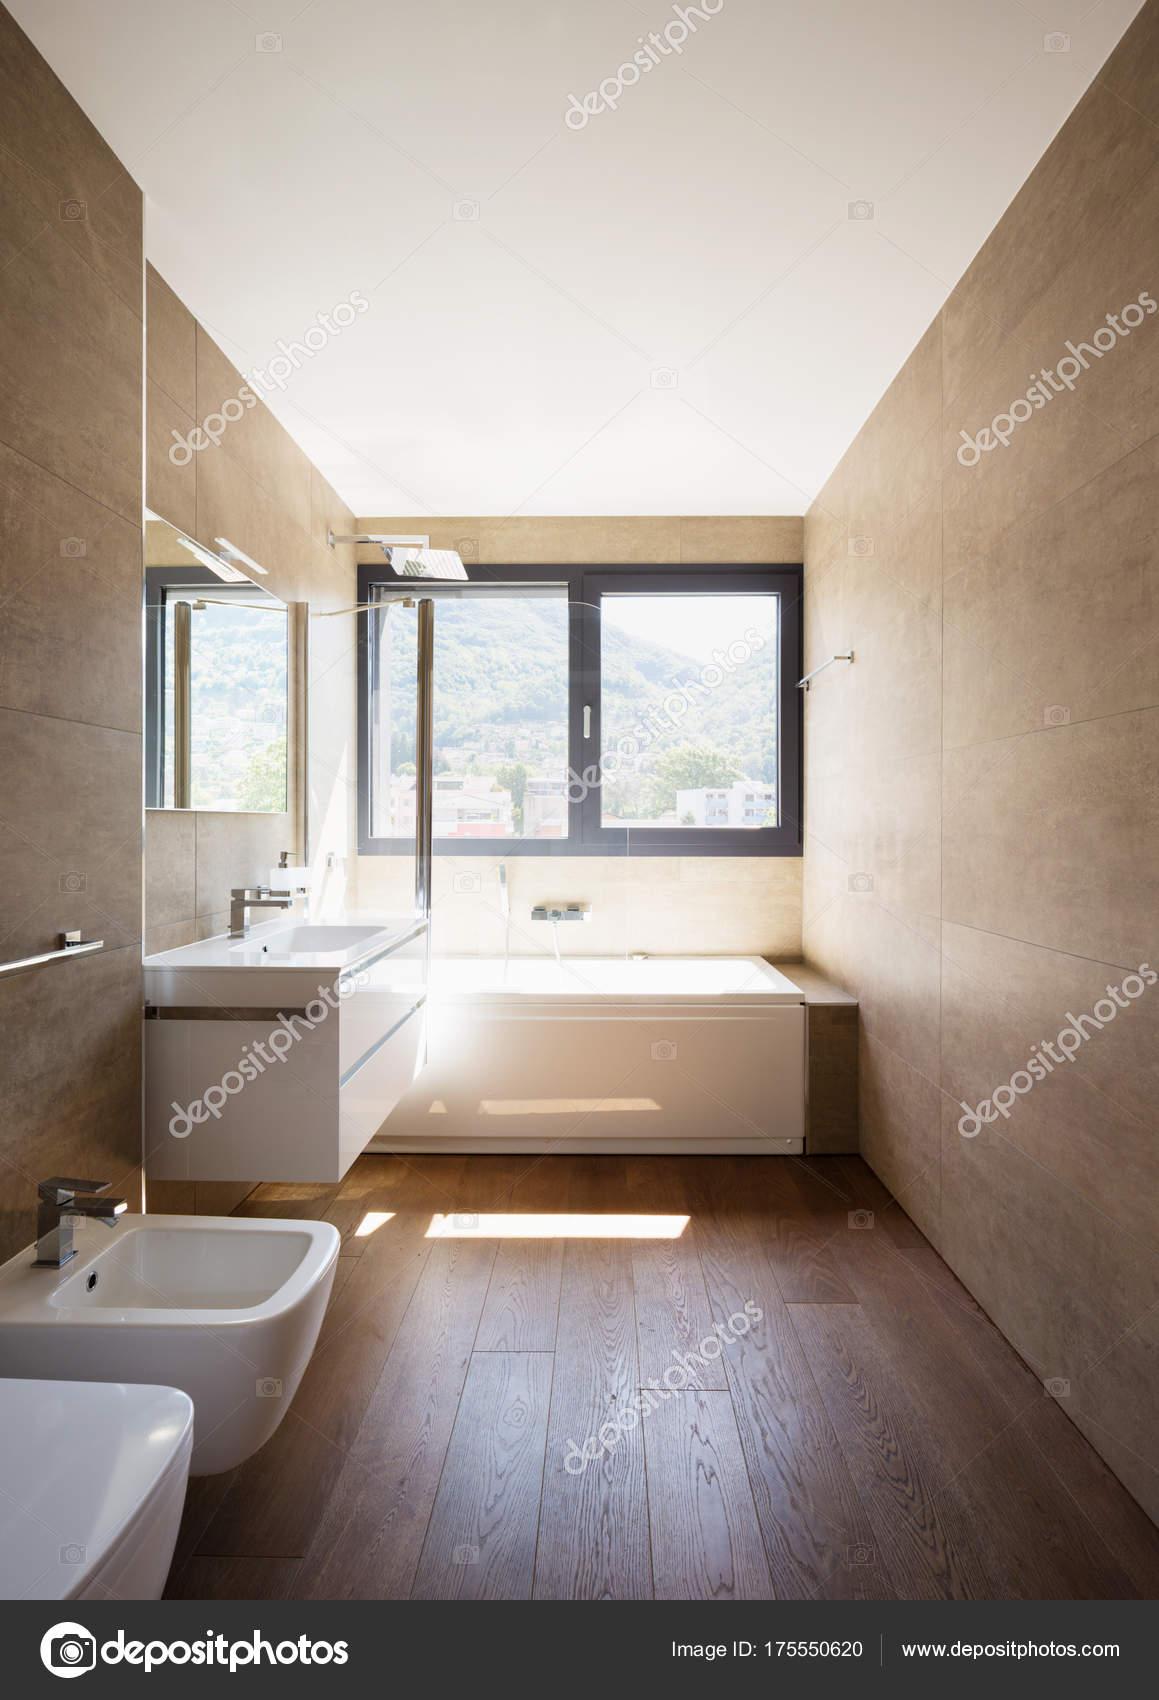 moderne luxus-badezimmer — Stockfoto © Zveiger #175550620